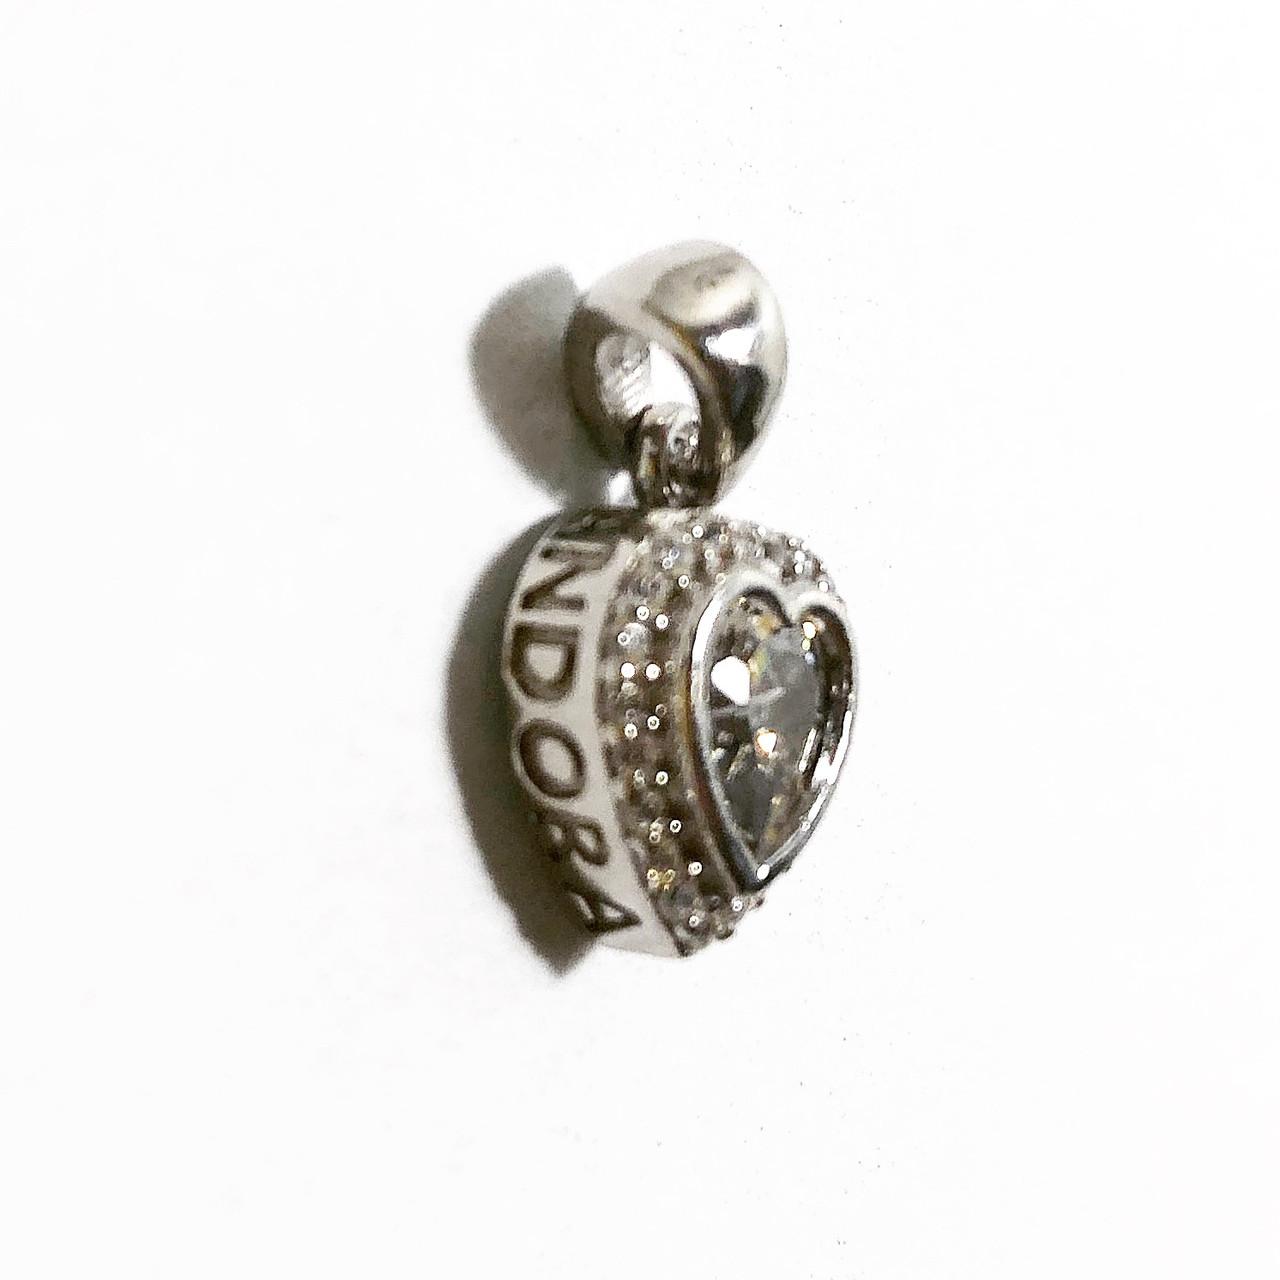 Підвіска з срібла Мої прикраси в стилі Pandora